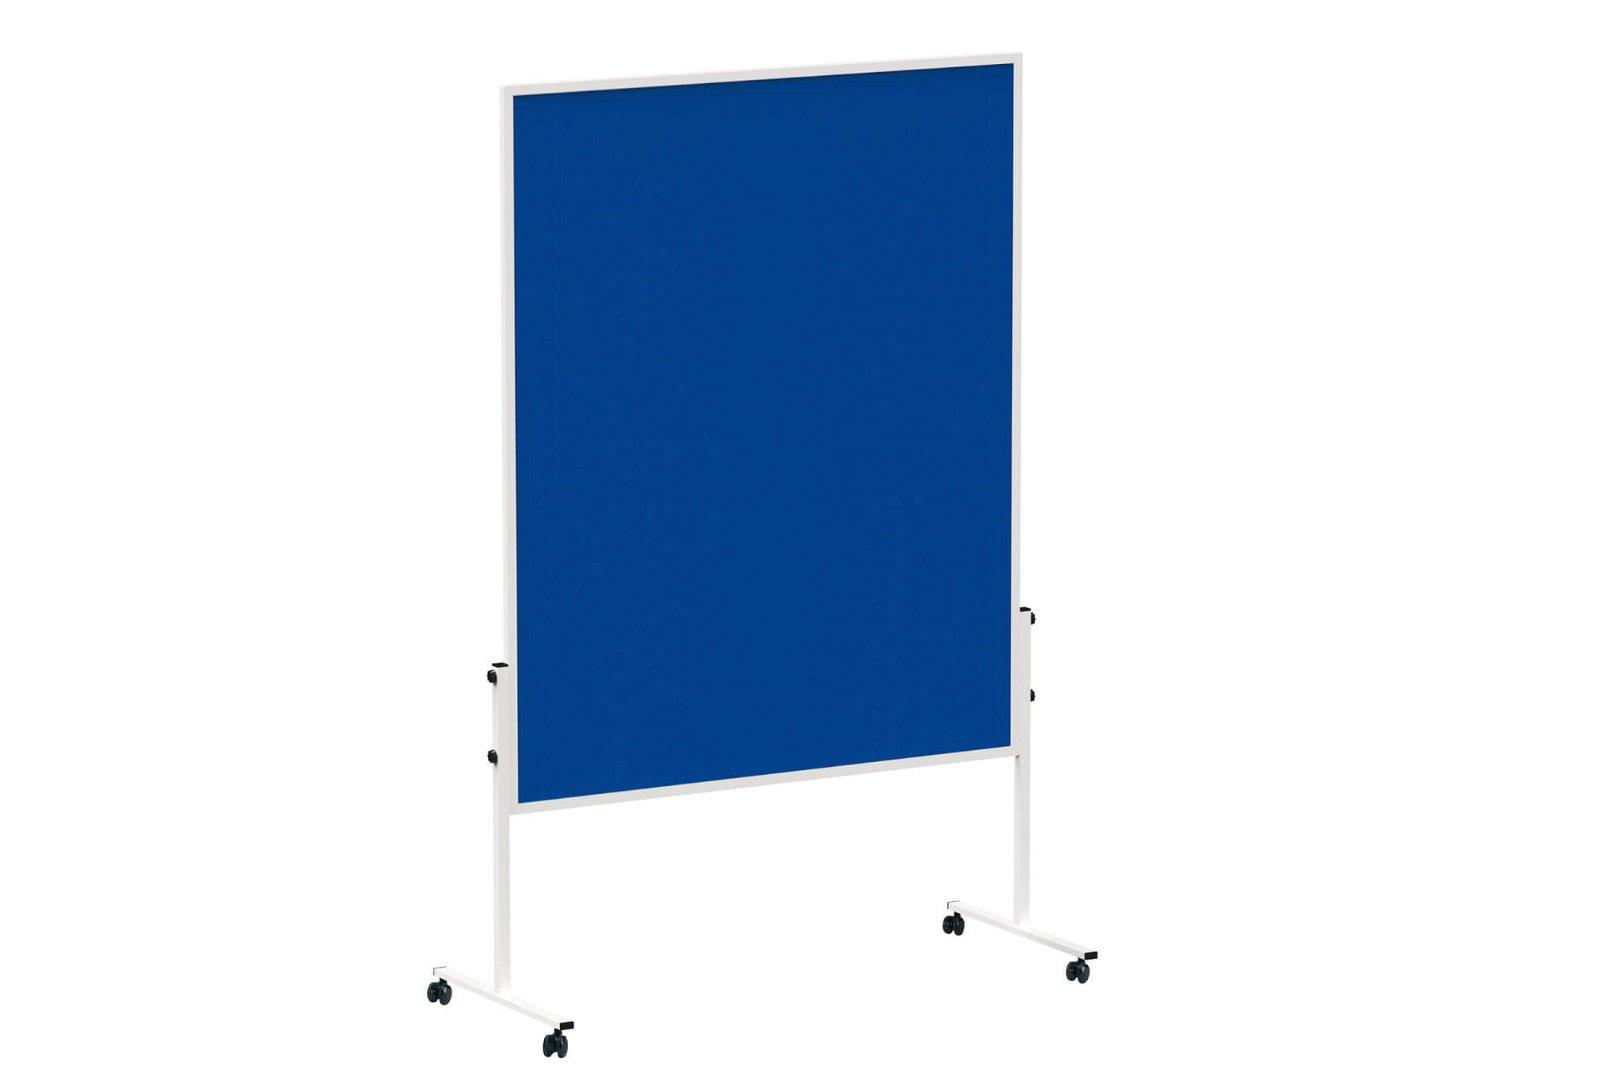 Moderationstafel MAULsolid Filz blau, 150x120 cm, grau